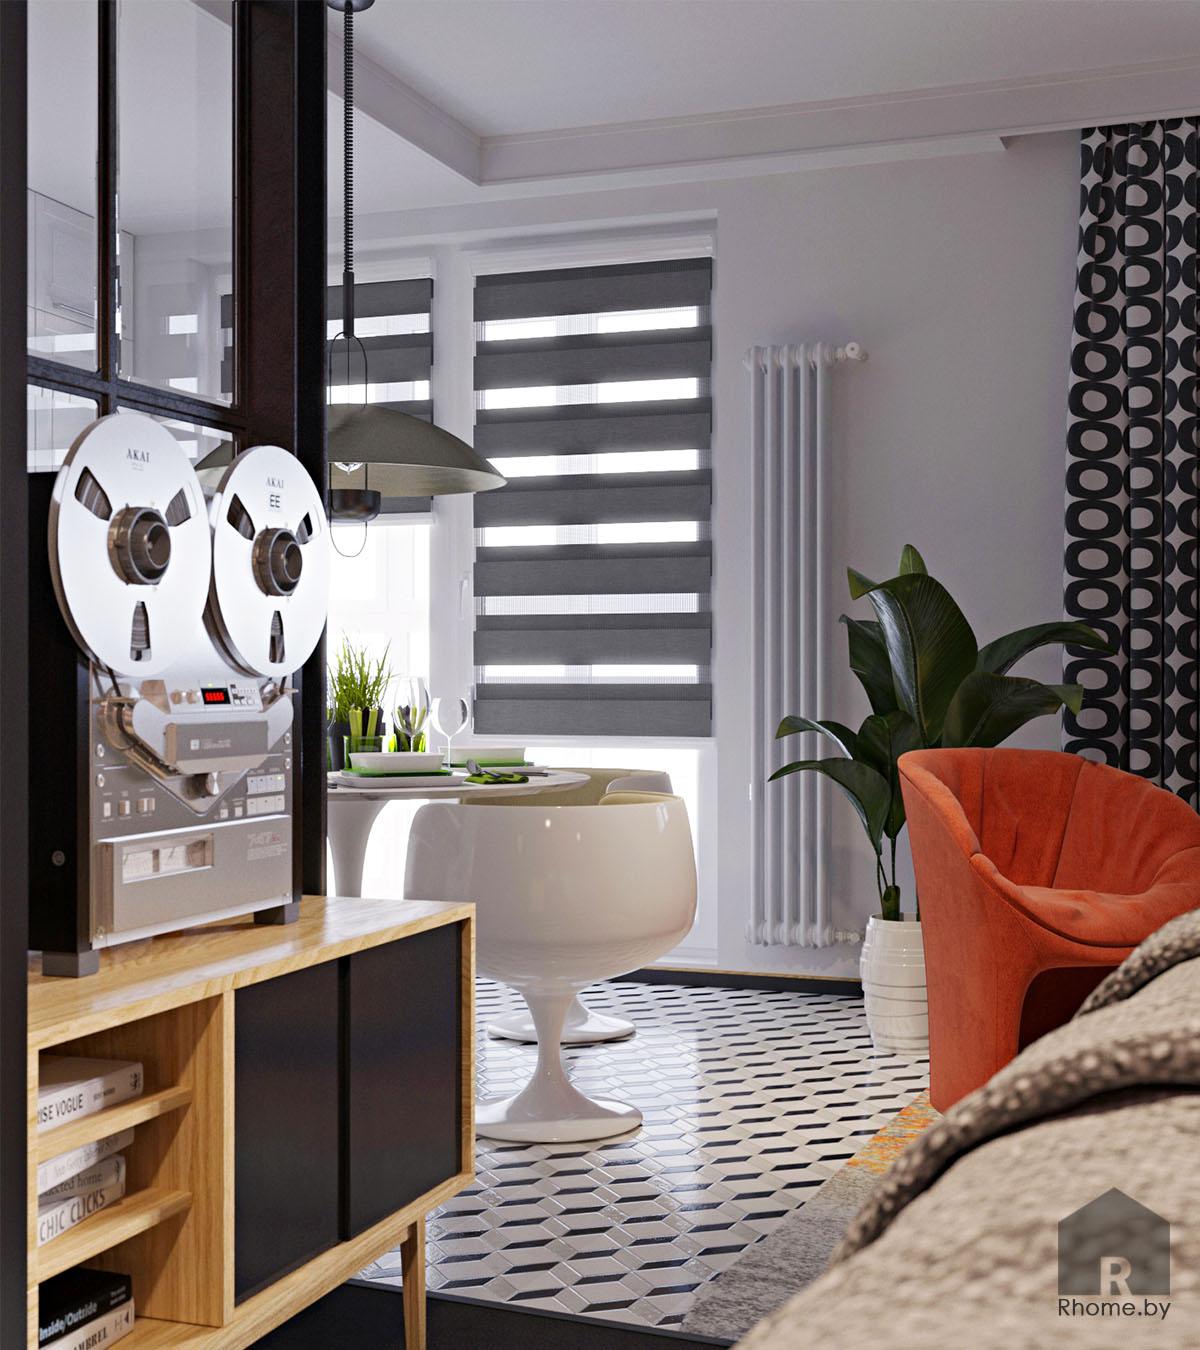 Дизайн интерьера кухни в ретро стиле 50 годов | Дизайн студия – Rhome.by